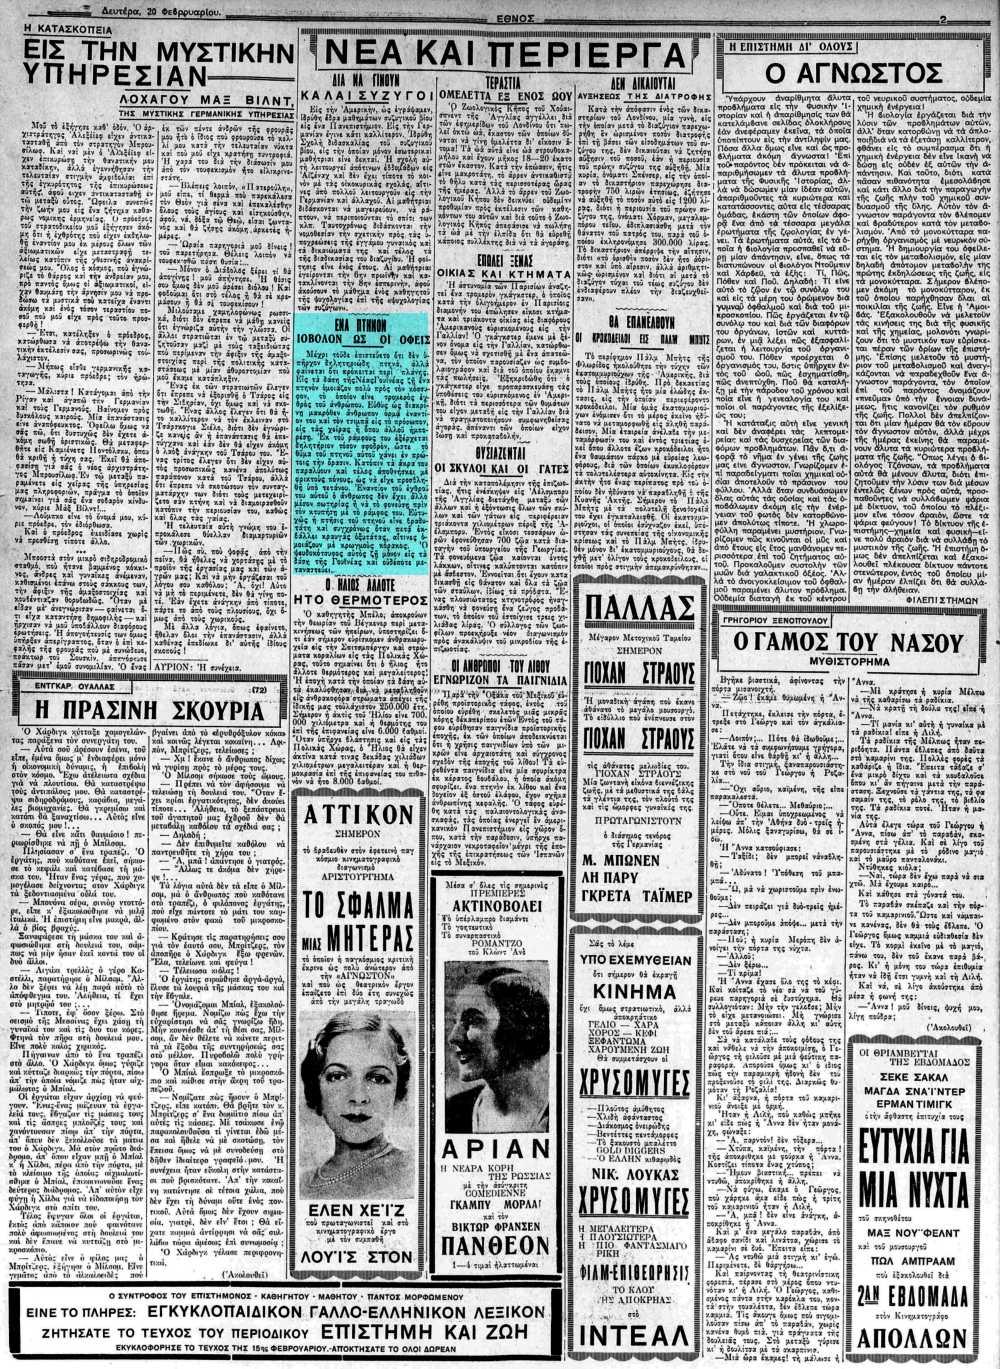 """Το άρθρο, όπως δημοσιεύθηκε στην εφημερίδα """"ΕΘΝΟΣ"""", στις 20/02/1933"""